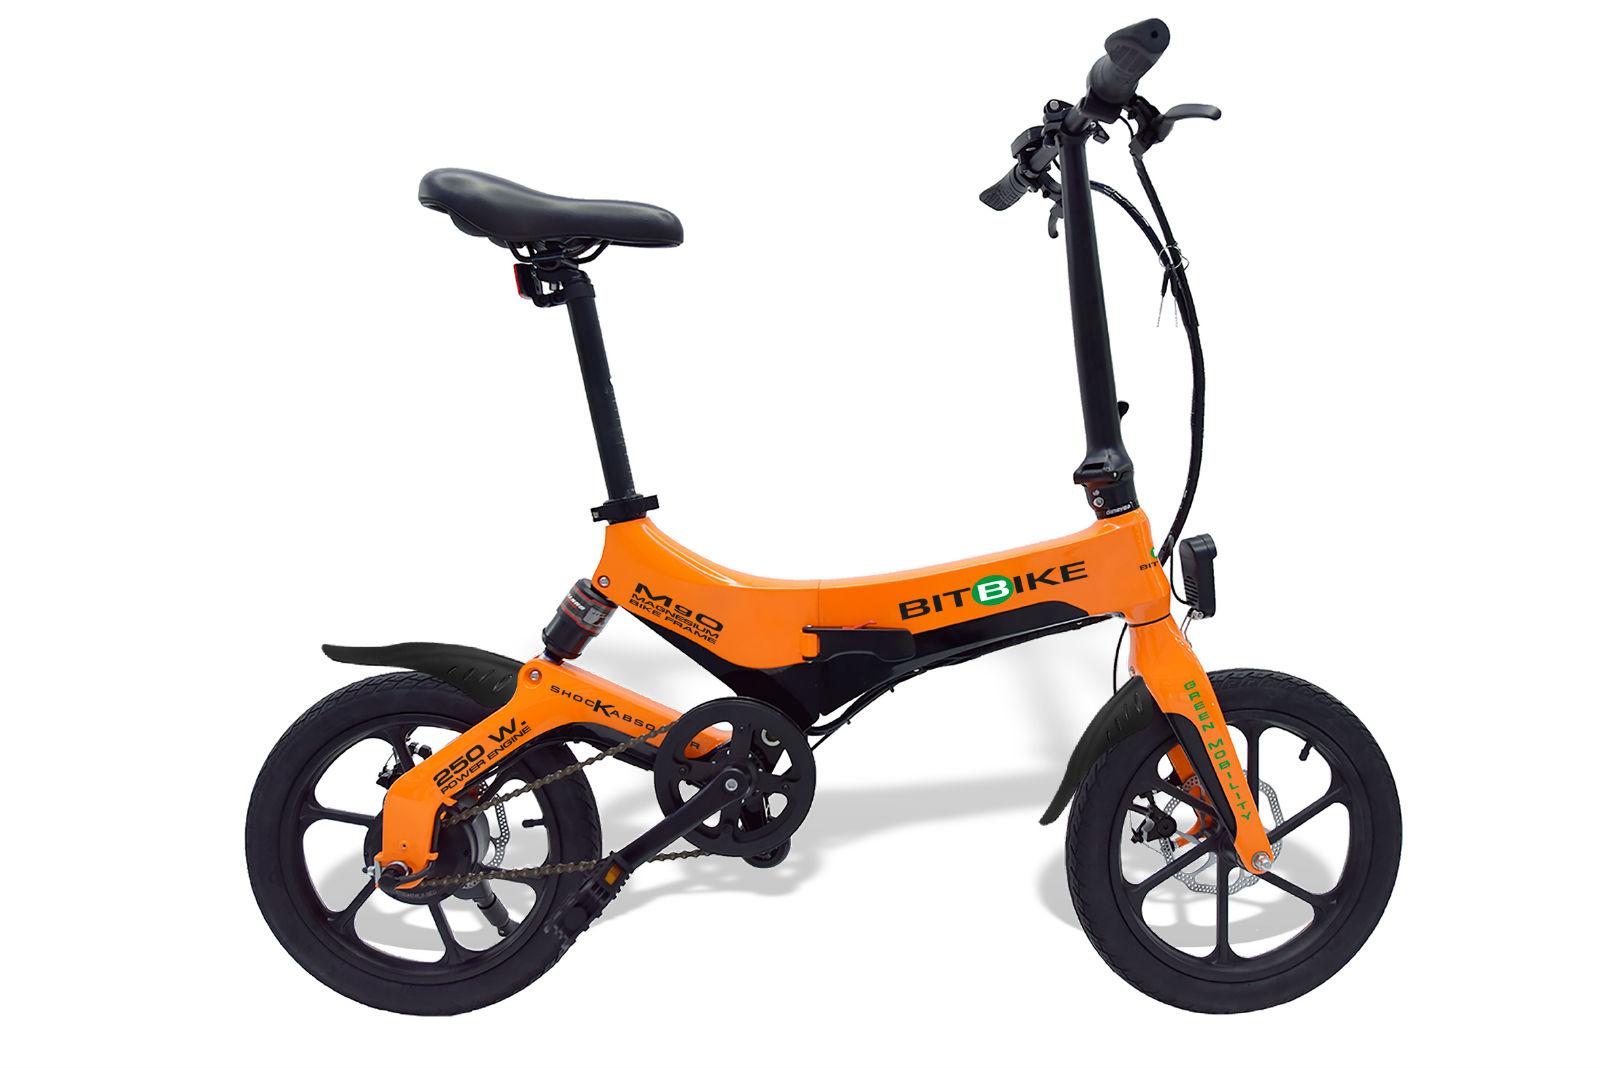 bitbike bici elettrica